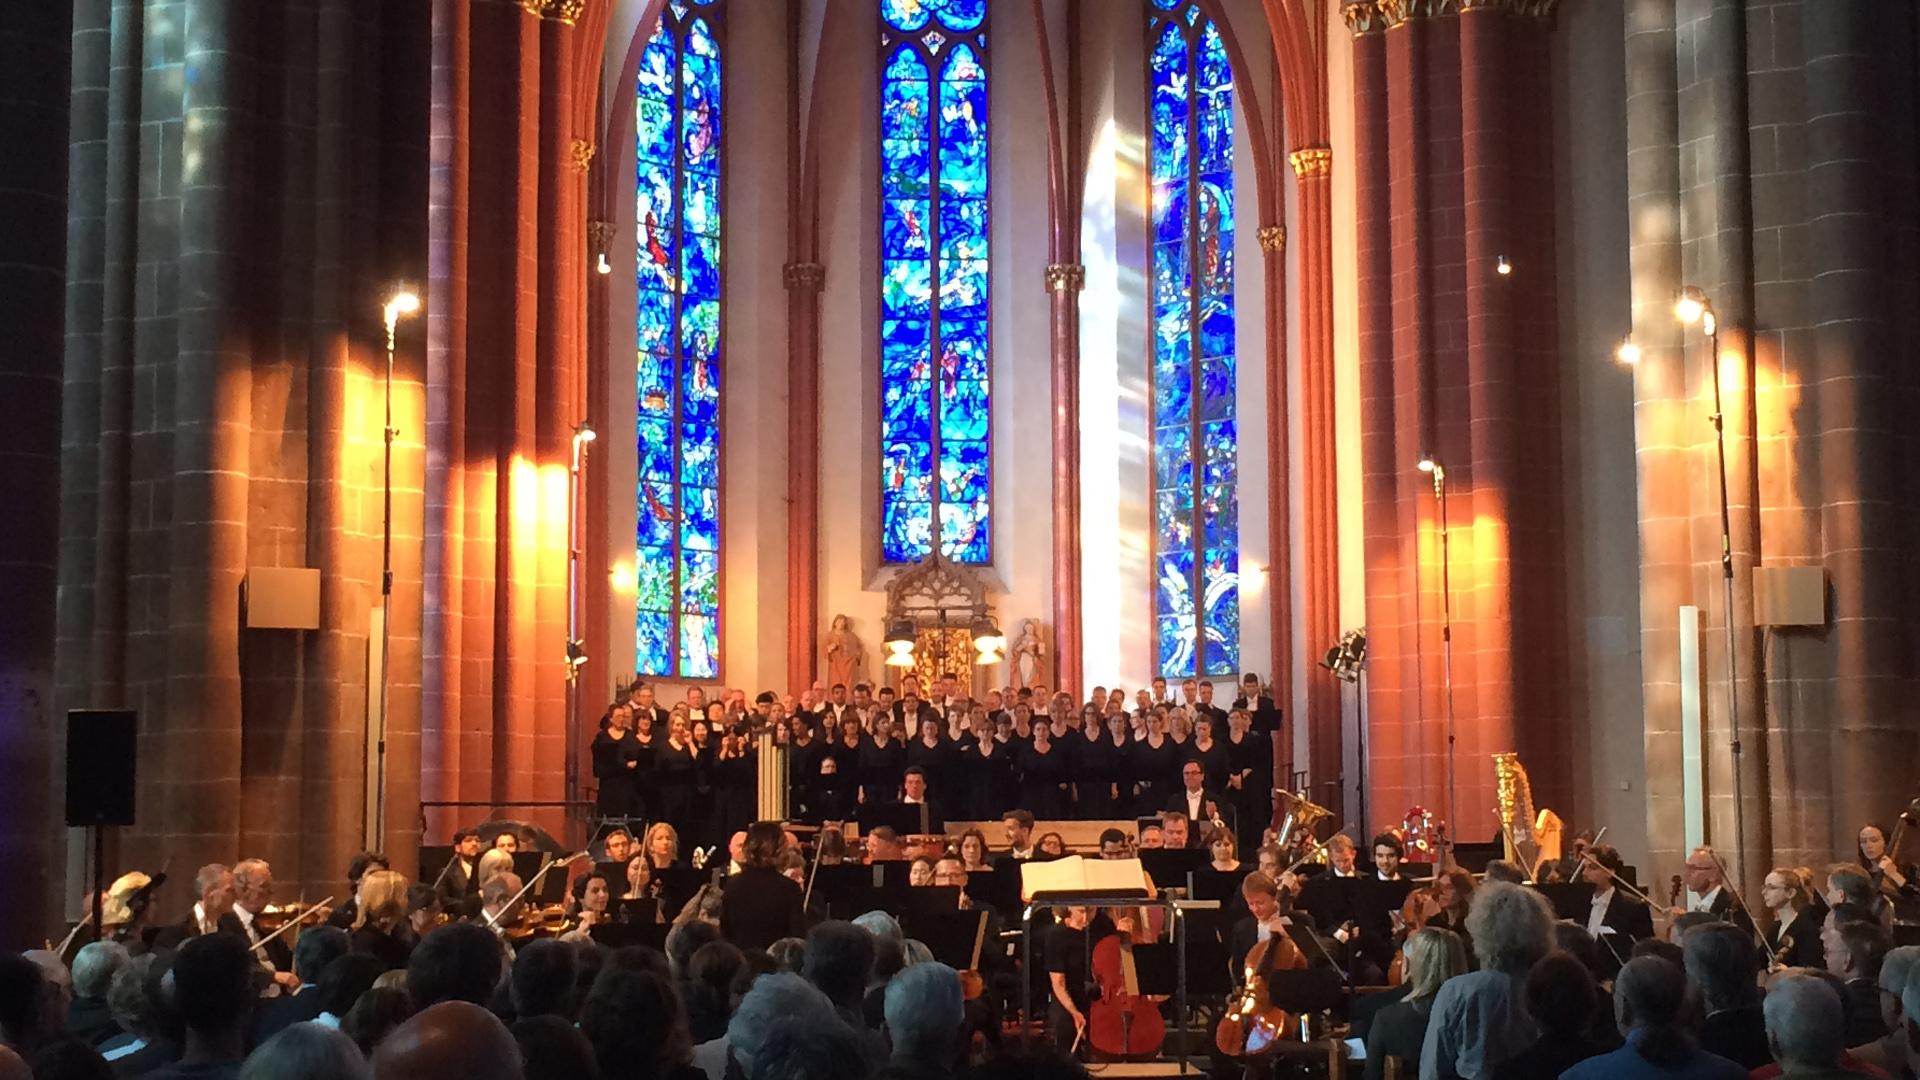 Die Mainzer Pfarrkirche St. Stephan bot der Uraufführung der Deutschen Messe eine würdige Kulisse